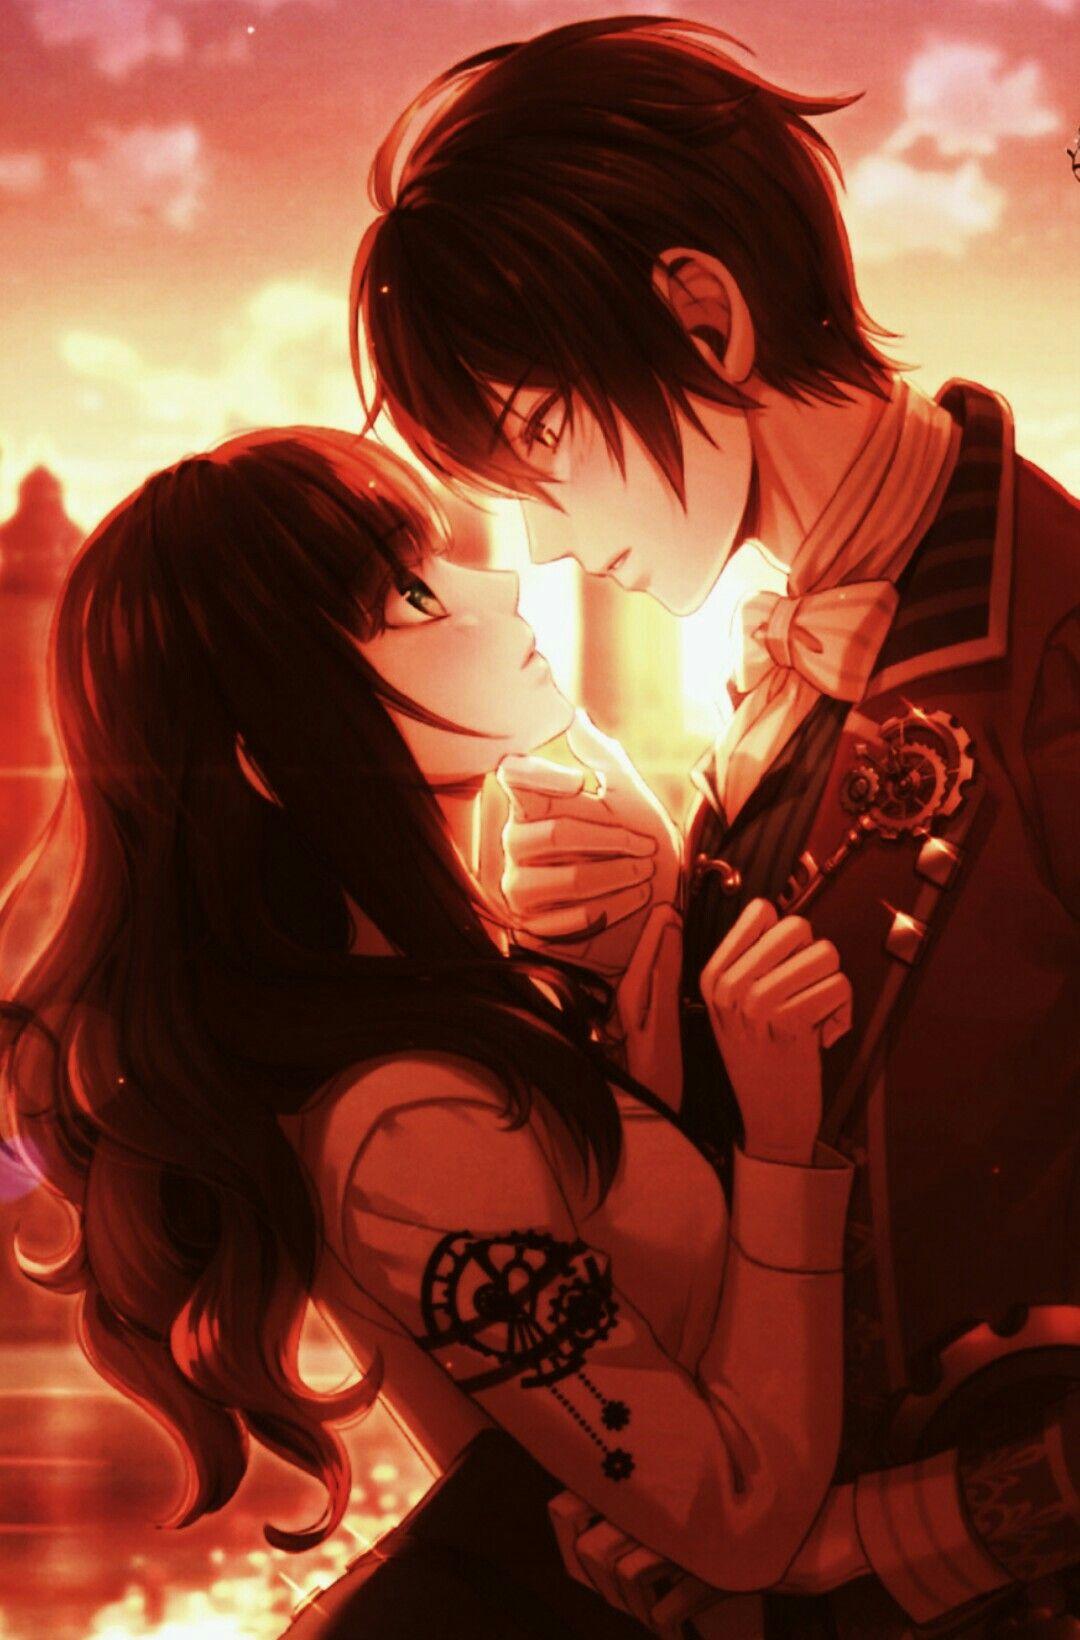 Красивые картинки аниме парень и девушка